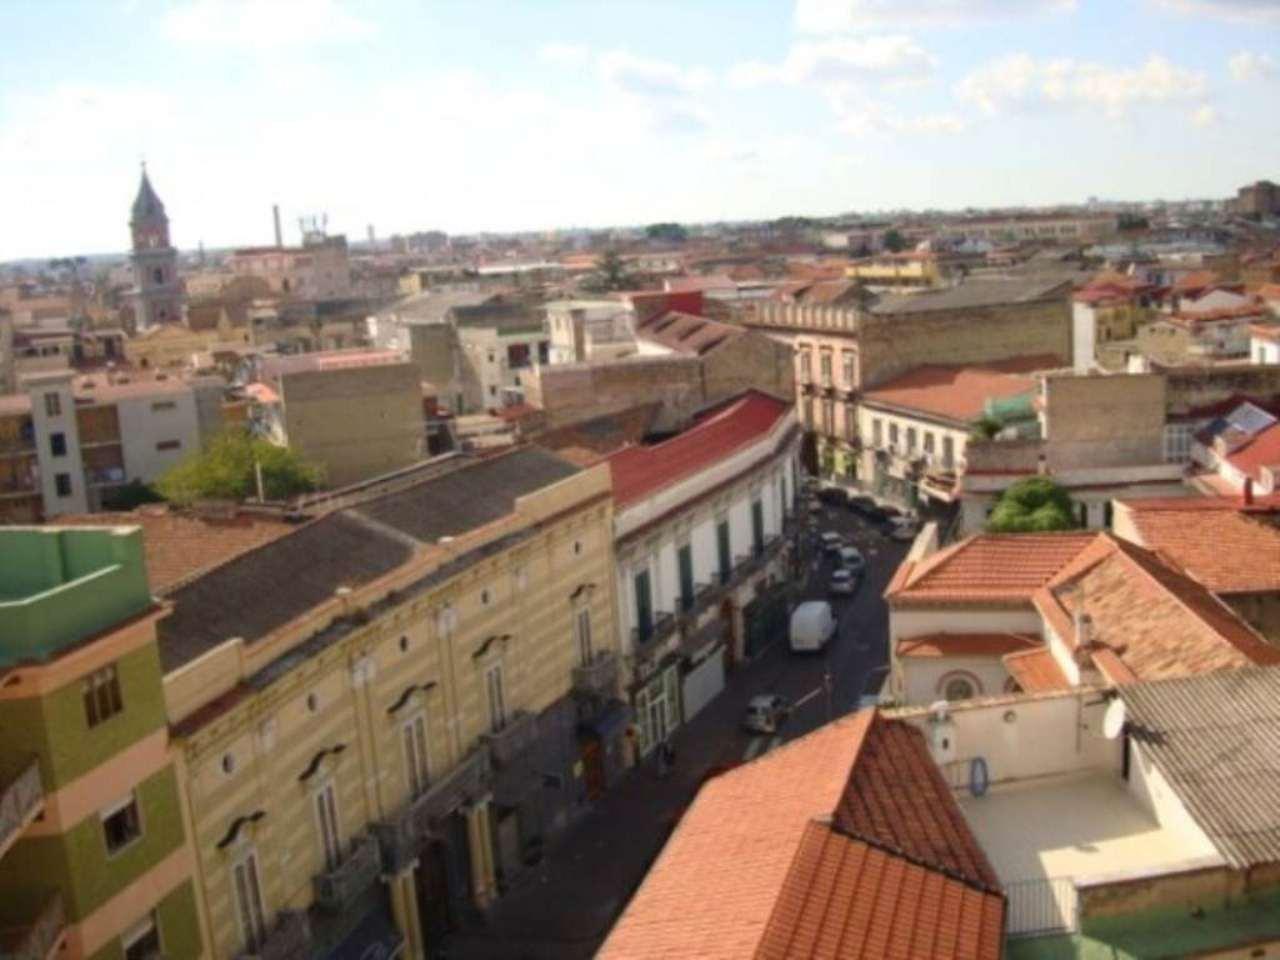 Appartamento in vendita a Frattamaggiore, 6 locali, Trattative riservate | Cambio Casa.it